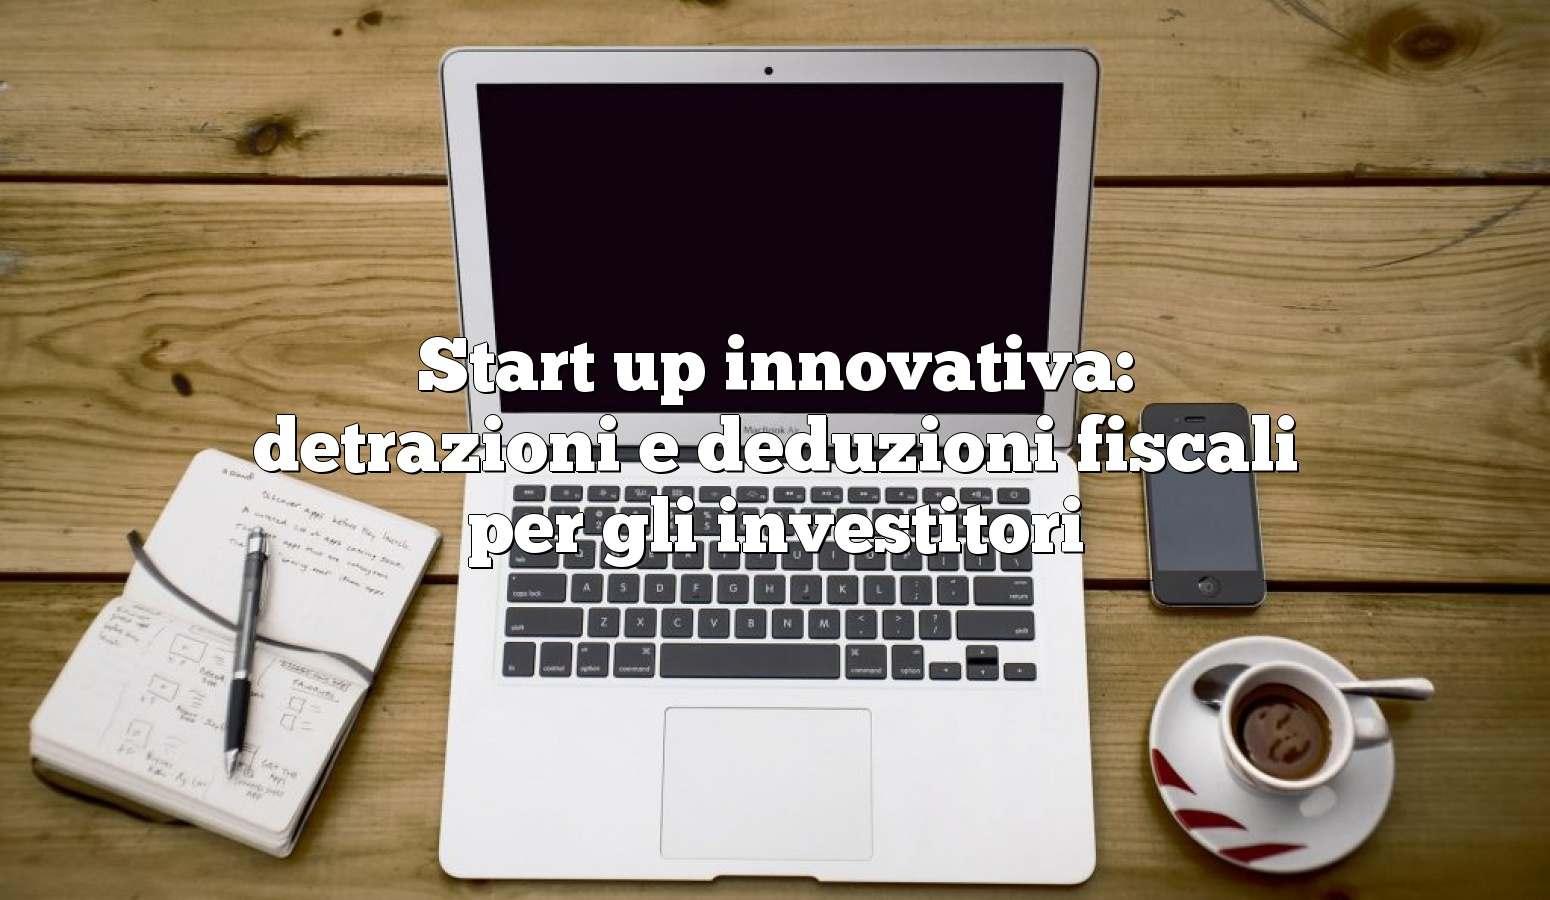 Start up innovativa: detrazioni e deduzioni fiscali per gli investitori